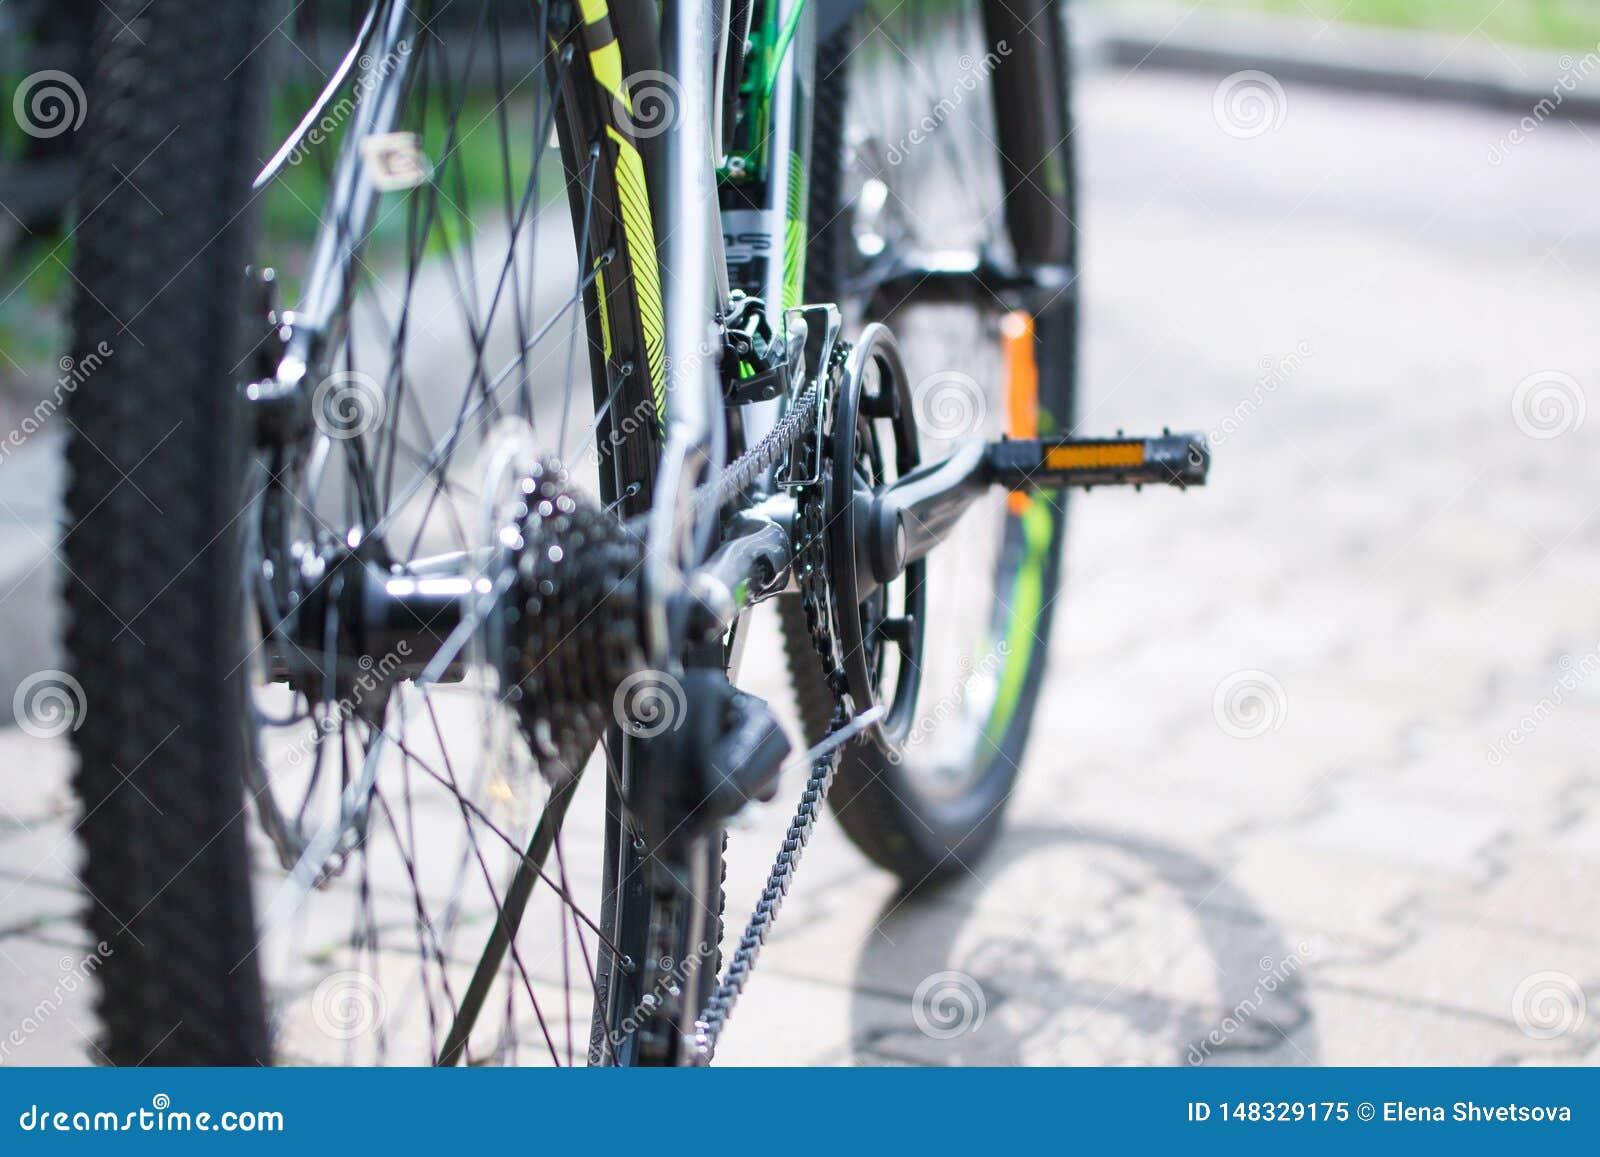 Ρόδες, πεντάλια, αλυσίδα ποδηλάτων, μηχανισμός της μετατροπής των ταχυτήτων του σύγχρονου ποδηλάτου βουνών r o